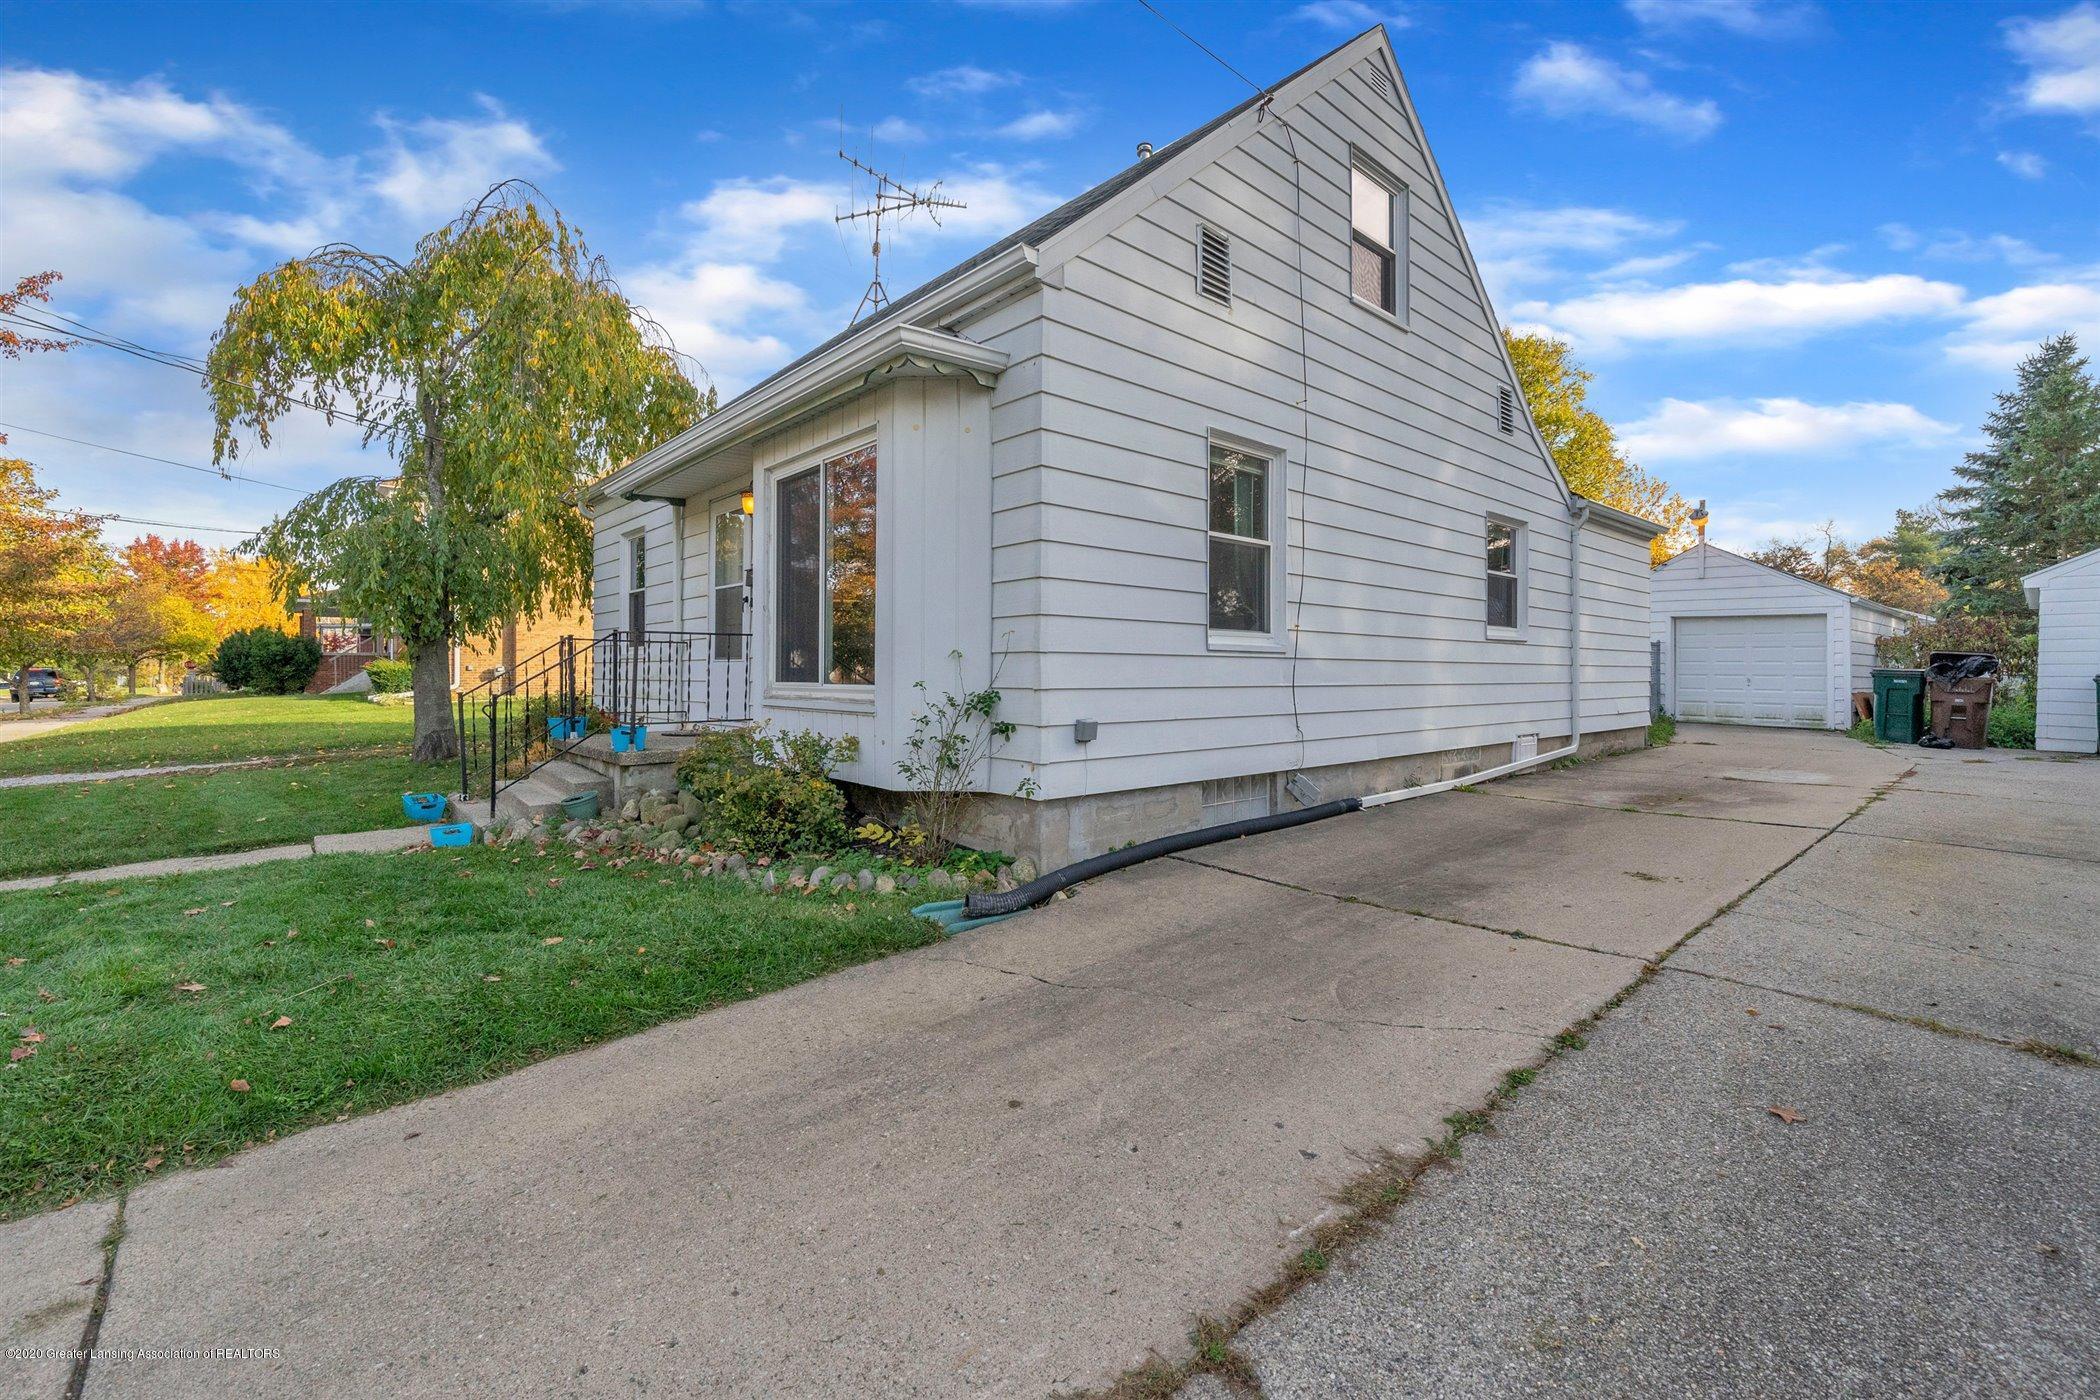 1209 Lenore Ave - 04-1209-Lenore-Ave-WindowStill-Real - 5